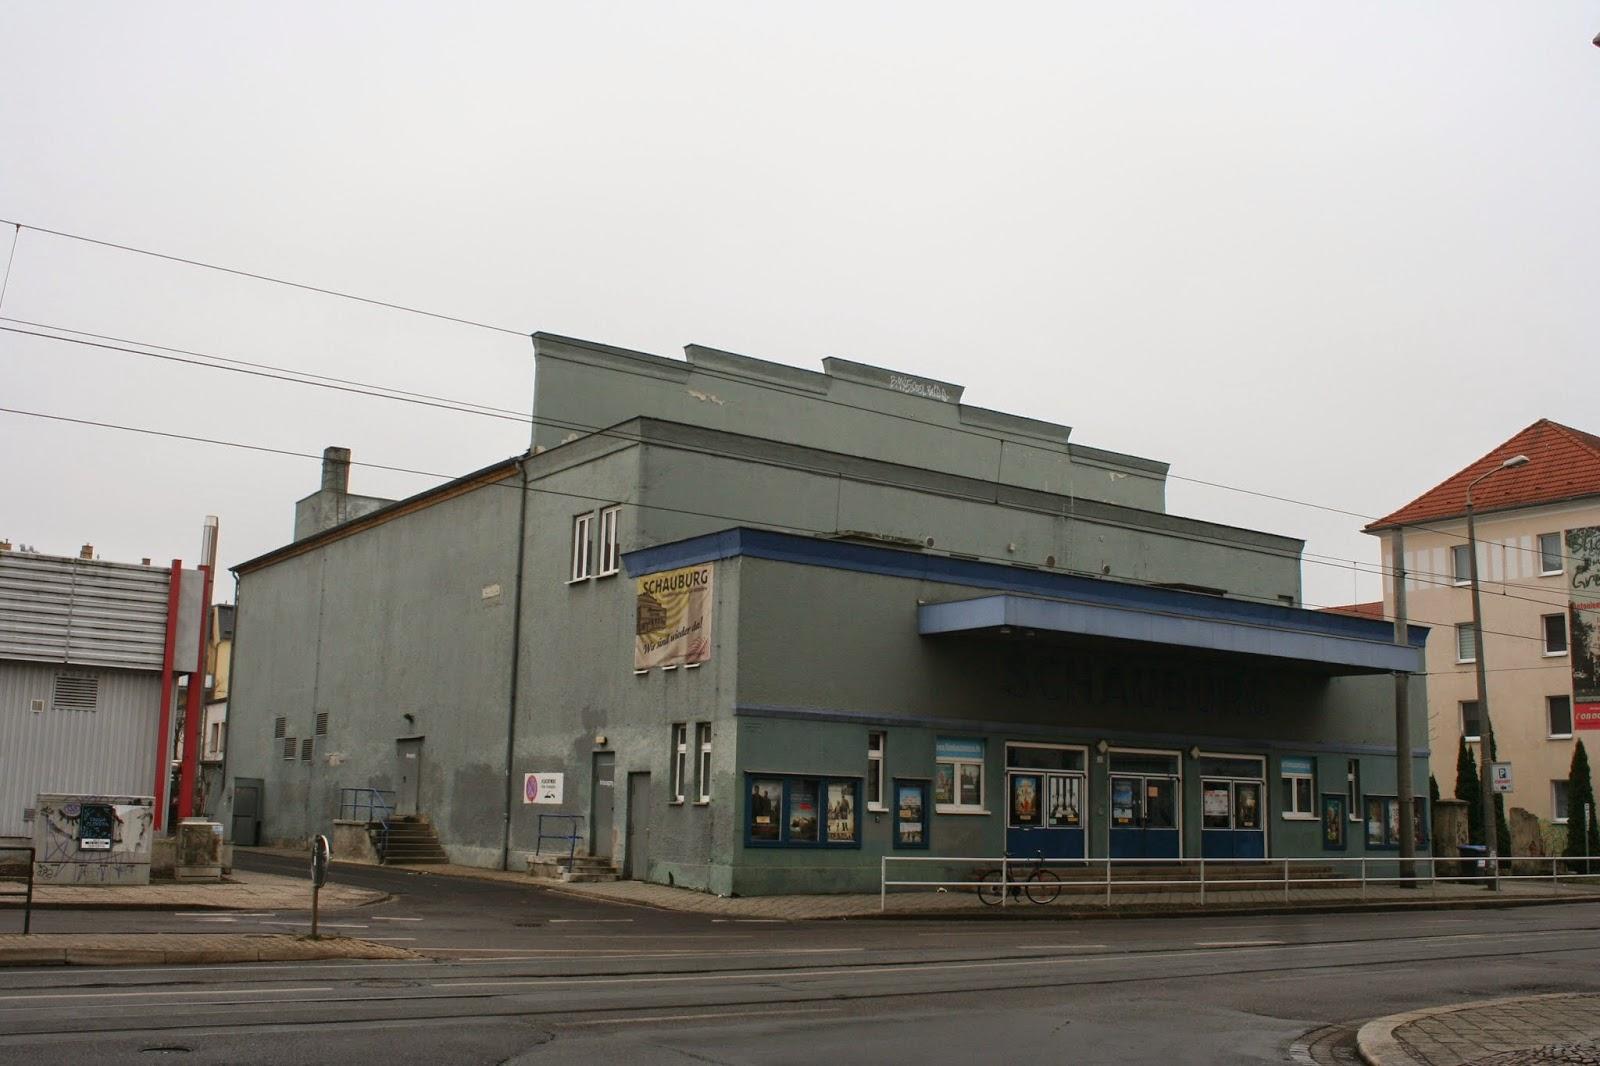 """Das Filmtheater """"Schauburg"""" befindet sich an der Antonienstraße 21 im Stadtteil Kleinzschocher-Leipzig - das im Stil Art Déco erbaute Gebäude wurde 1928 wurde eingeweiht und von 2006 bis 2008 umgebaut"""